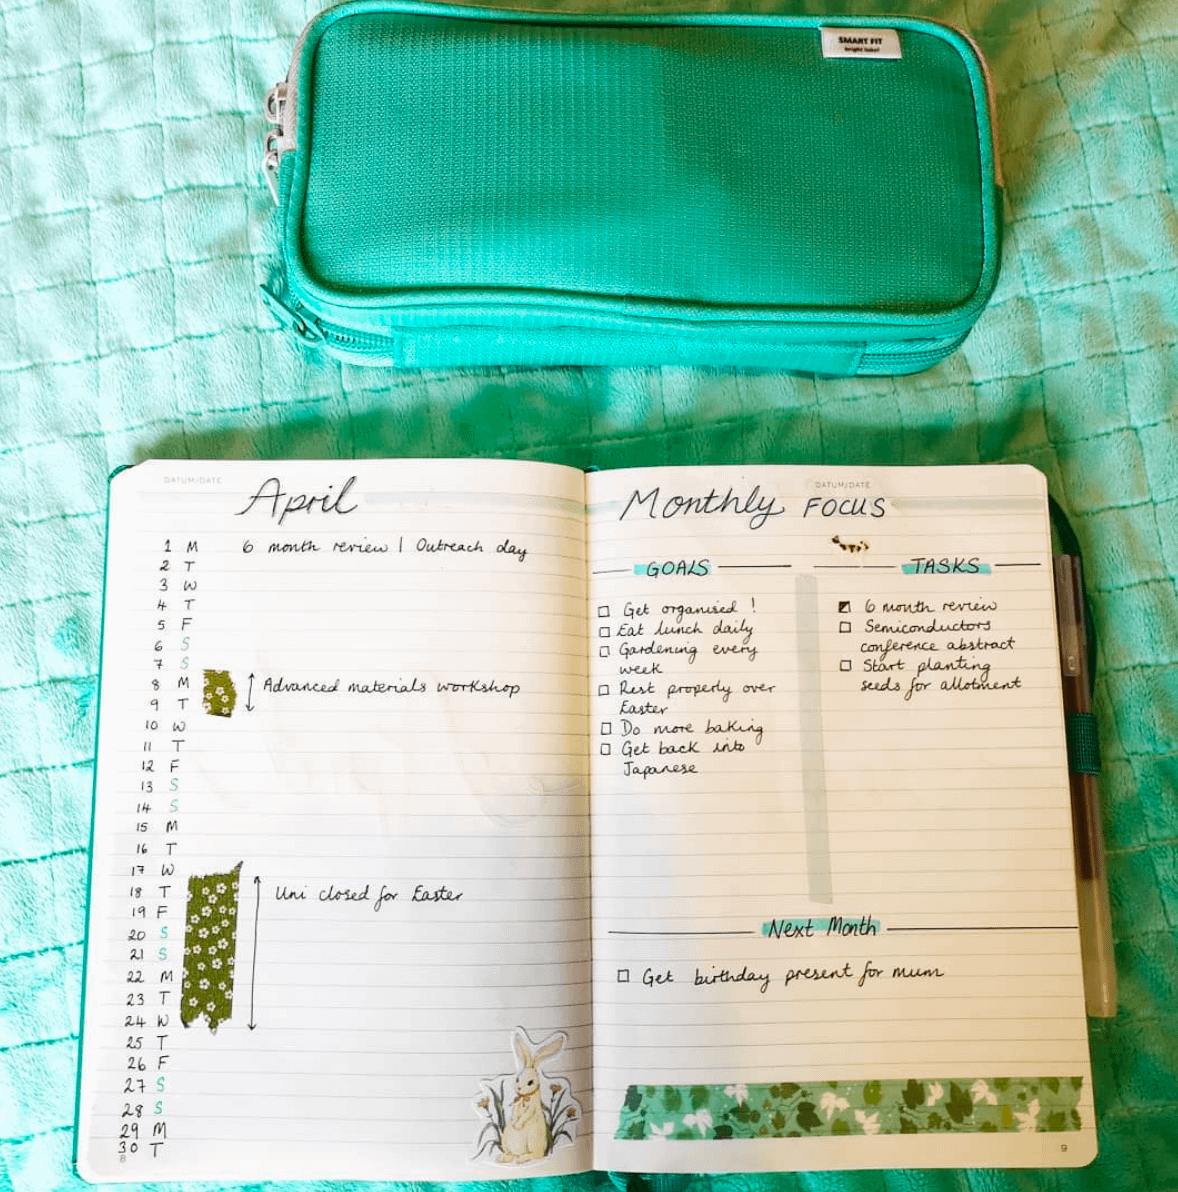 Günlük plan nasıl yapılır?